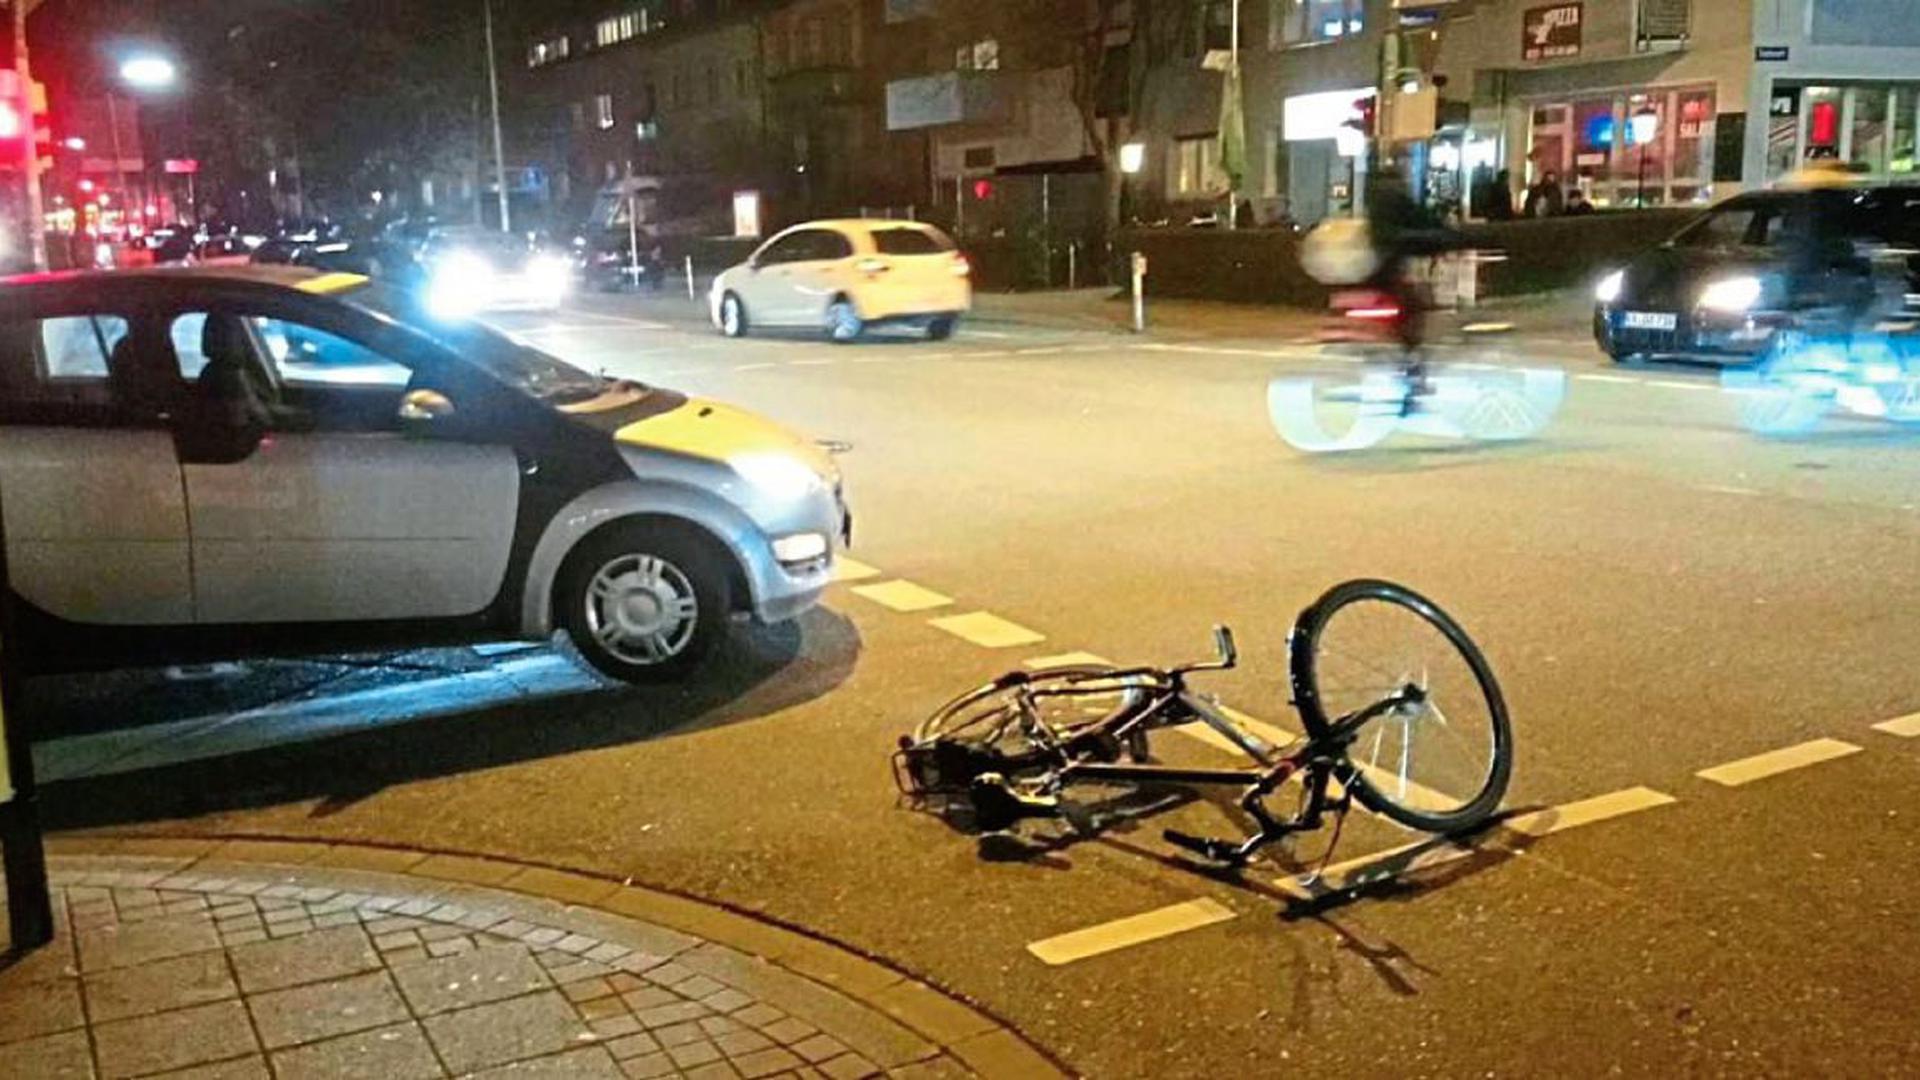 Abbiegende Autos bringen Radfahrer besonders oft zu Fall, so wie in den vergangenen Monaten mehrfach an der Sophien- und der Reinhold-Frank-Straße. Die Kreuzung ist ein Unfallschwerpunkt. Die Polizei setzt auf neue Wege bei der Auswertung von Daten, um kritische Passagen besser zu erkennen und zu entschärfen.